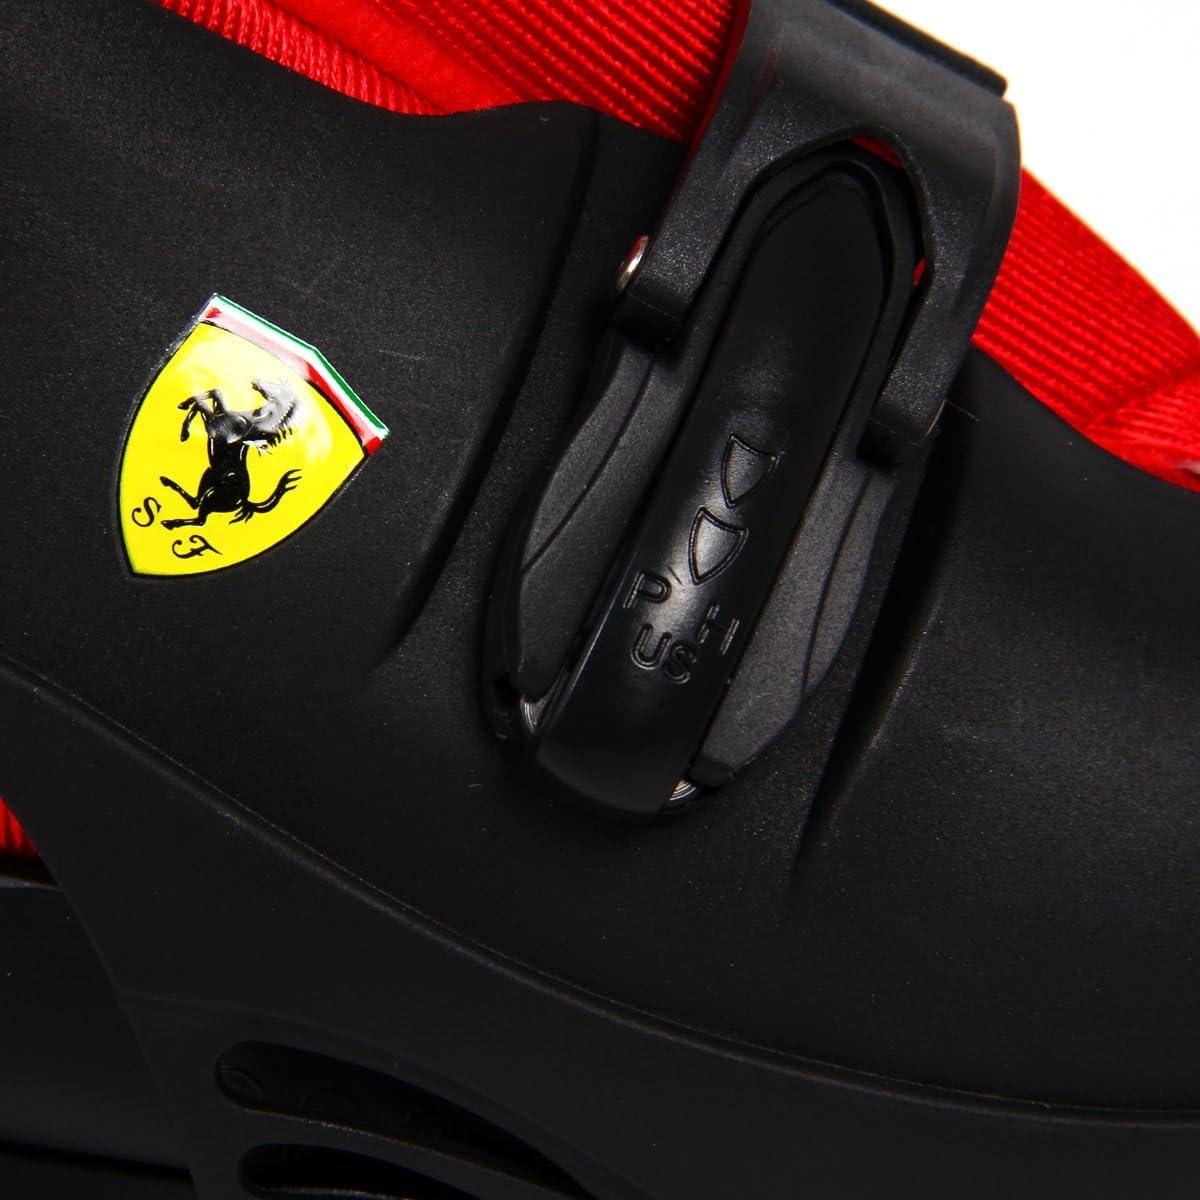 Ferrari Pattini in Linea principiante